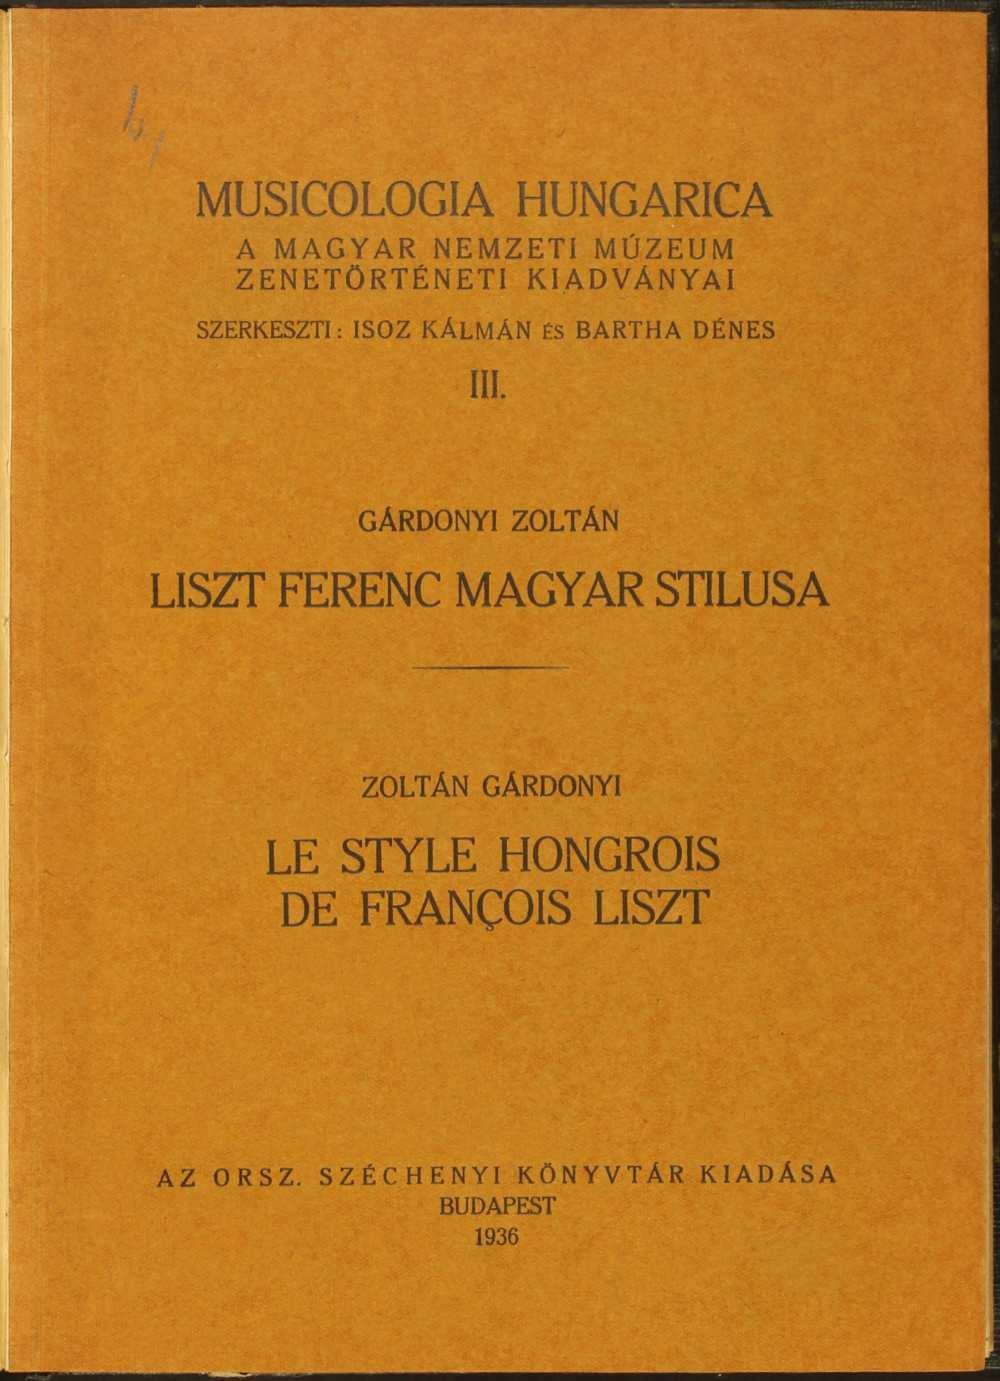 Gárdonyi Zoltán: Liszt Ferenc magyar stílusa. Budapest, Országos Széchényi Könyvtár, 1936. (Musicologia Hungarica 3.) Borító – Törzsgyűjtemény. http://nektar.oszk.hu/hu/manifestation/2819282 A kép forrása: OSZK Digitális Könyvtár http://nbn.urn.hu/N2L?urn:nbn:hu-9934